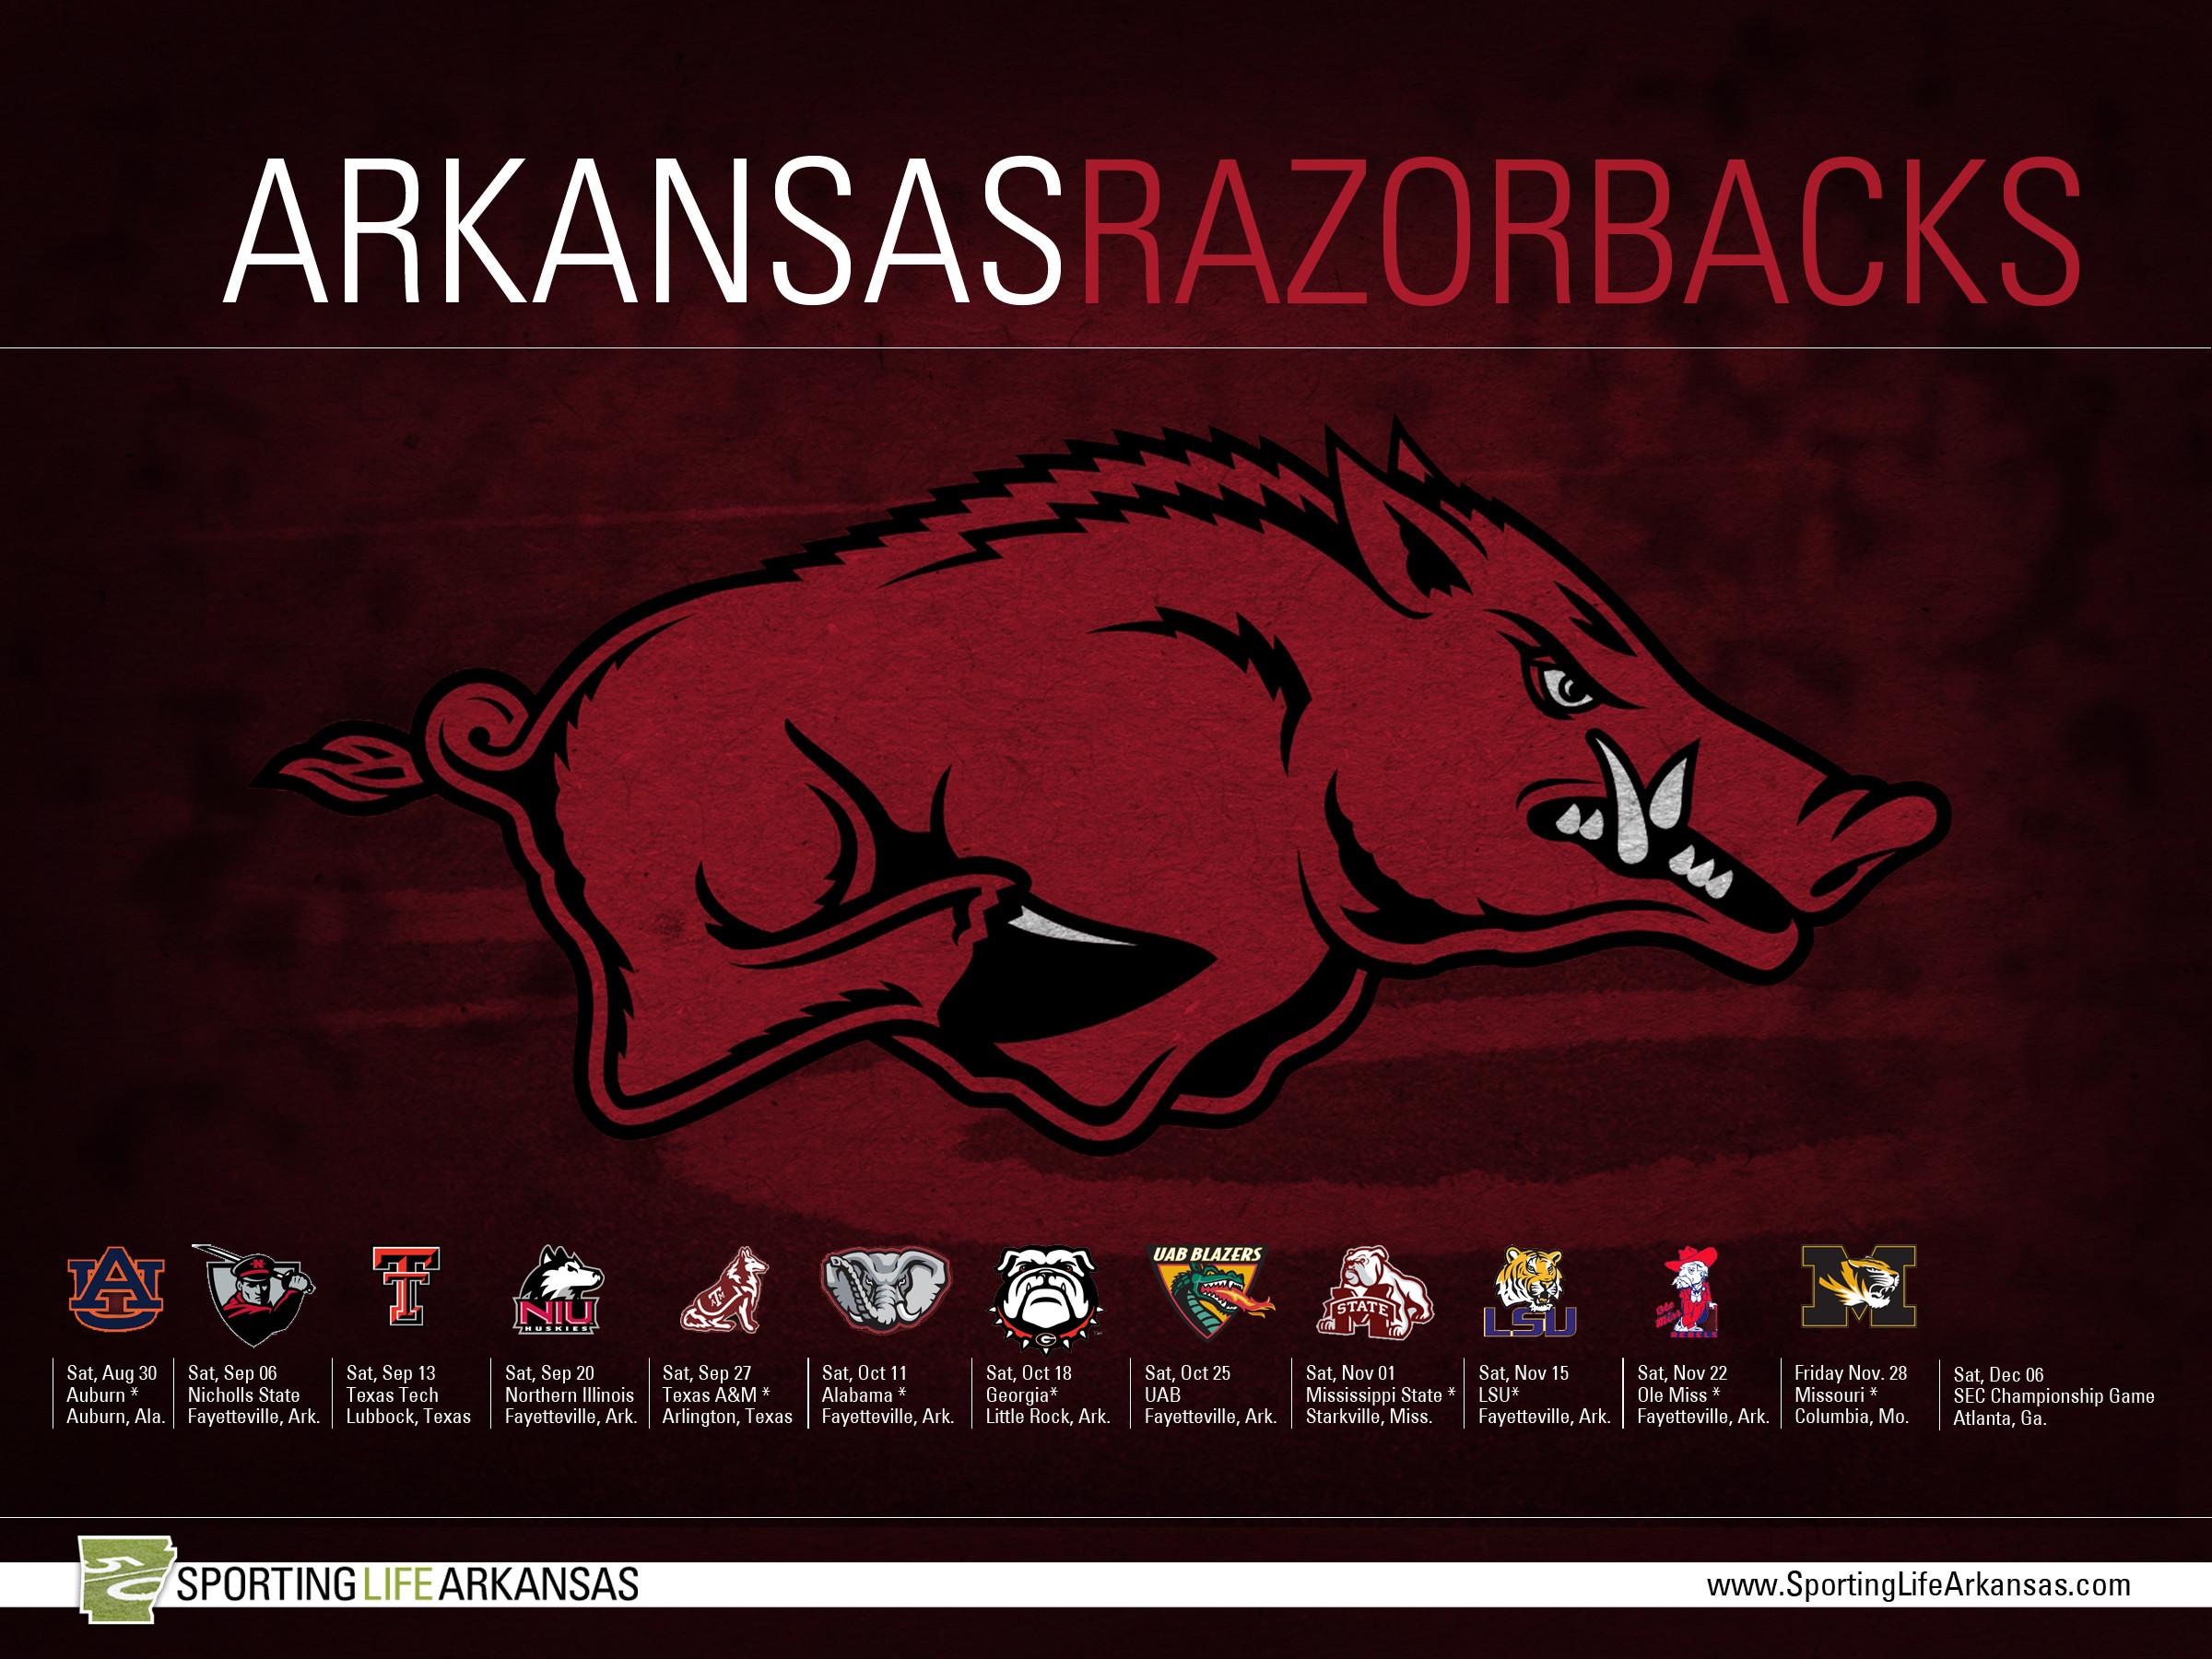 Arkansas Razorback Wallpaper And Screensavers 68 Images